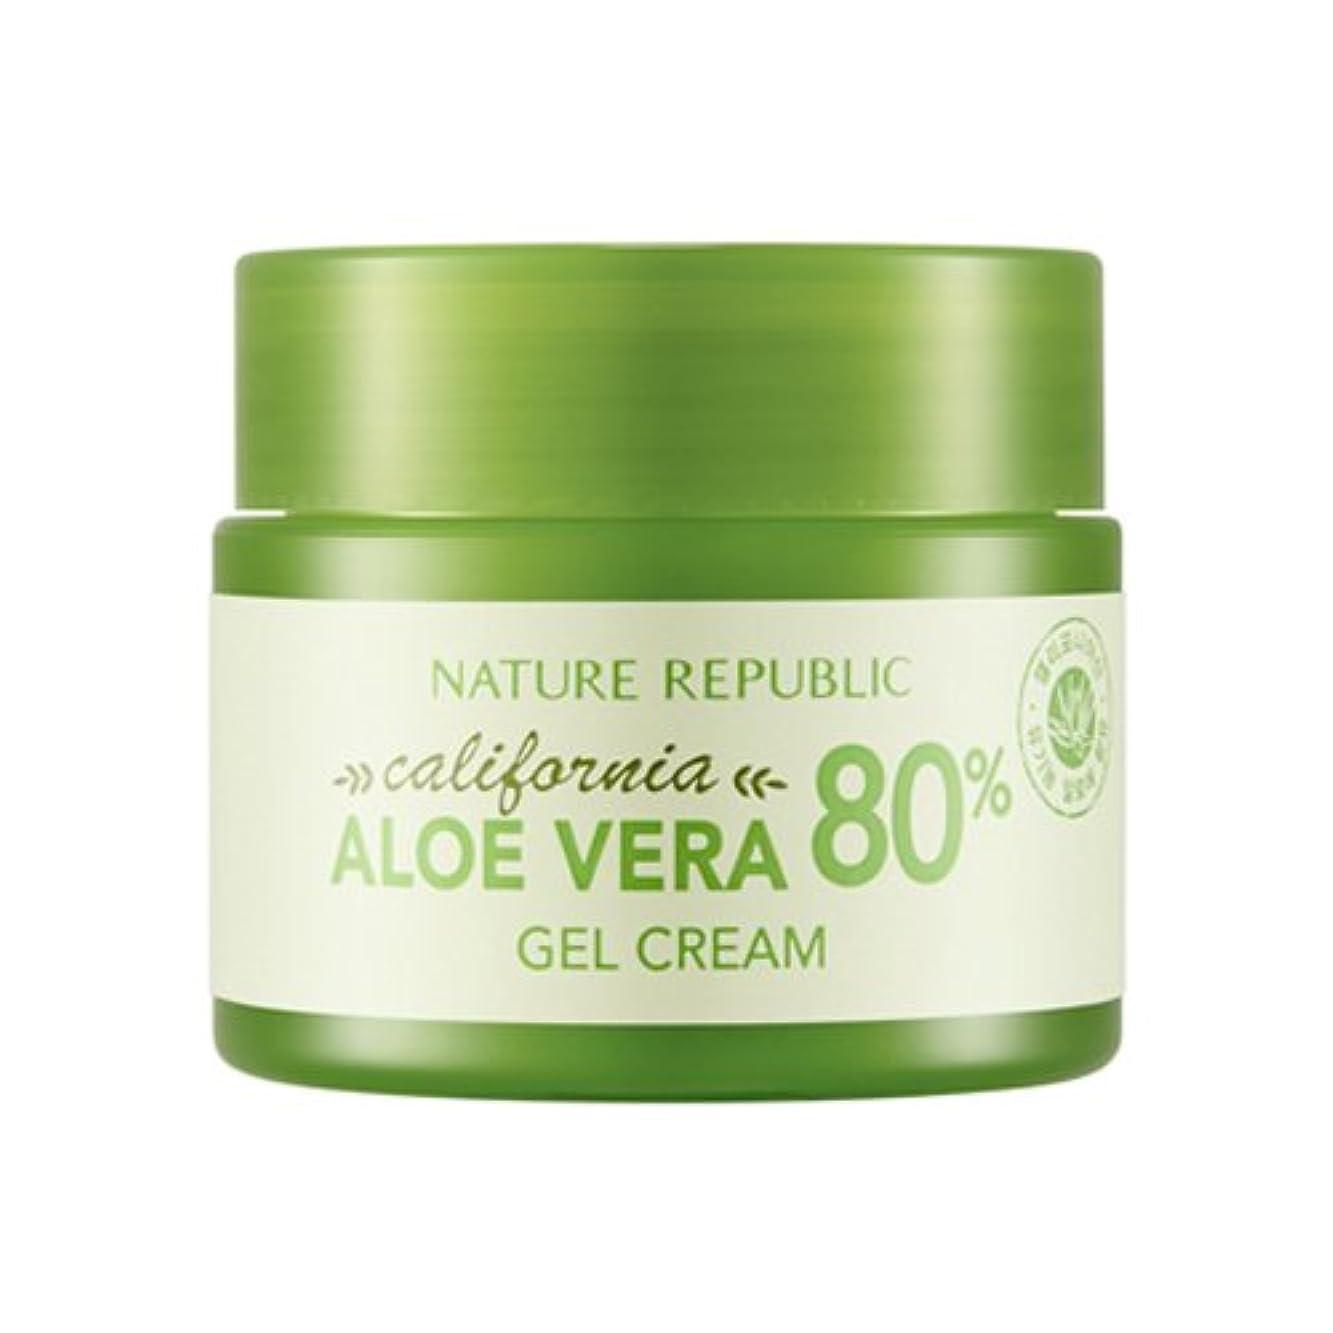 アニメーション助けになる予約[ネイチャーリパブリック] Nature Republic カリフォルニアアロエベラ80%のゲルクリーム California Aloe Vera 80% Gel Cream [並行輸入品]